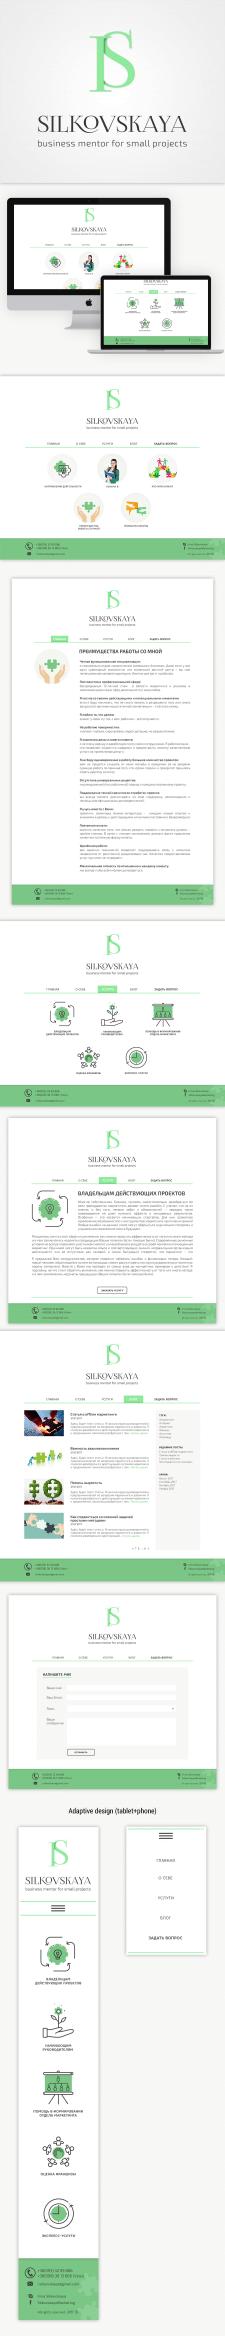 Логотип, сайт для Ирины Сильковской